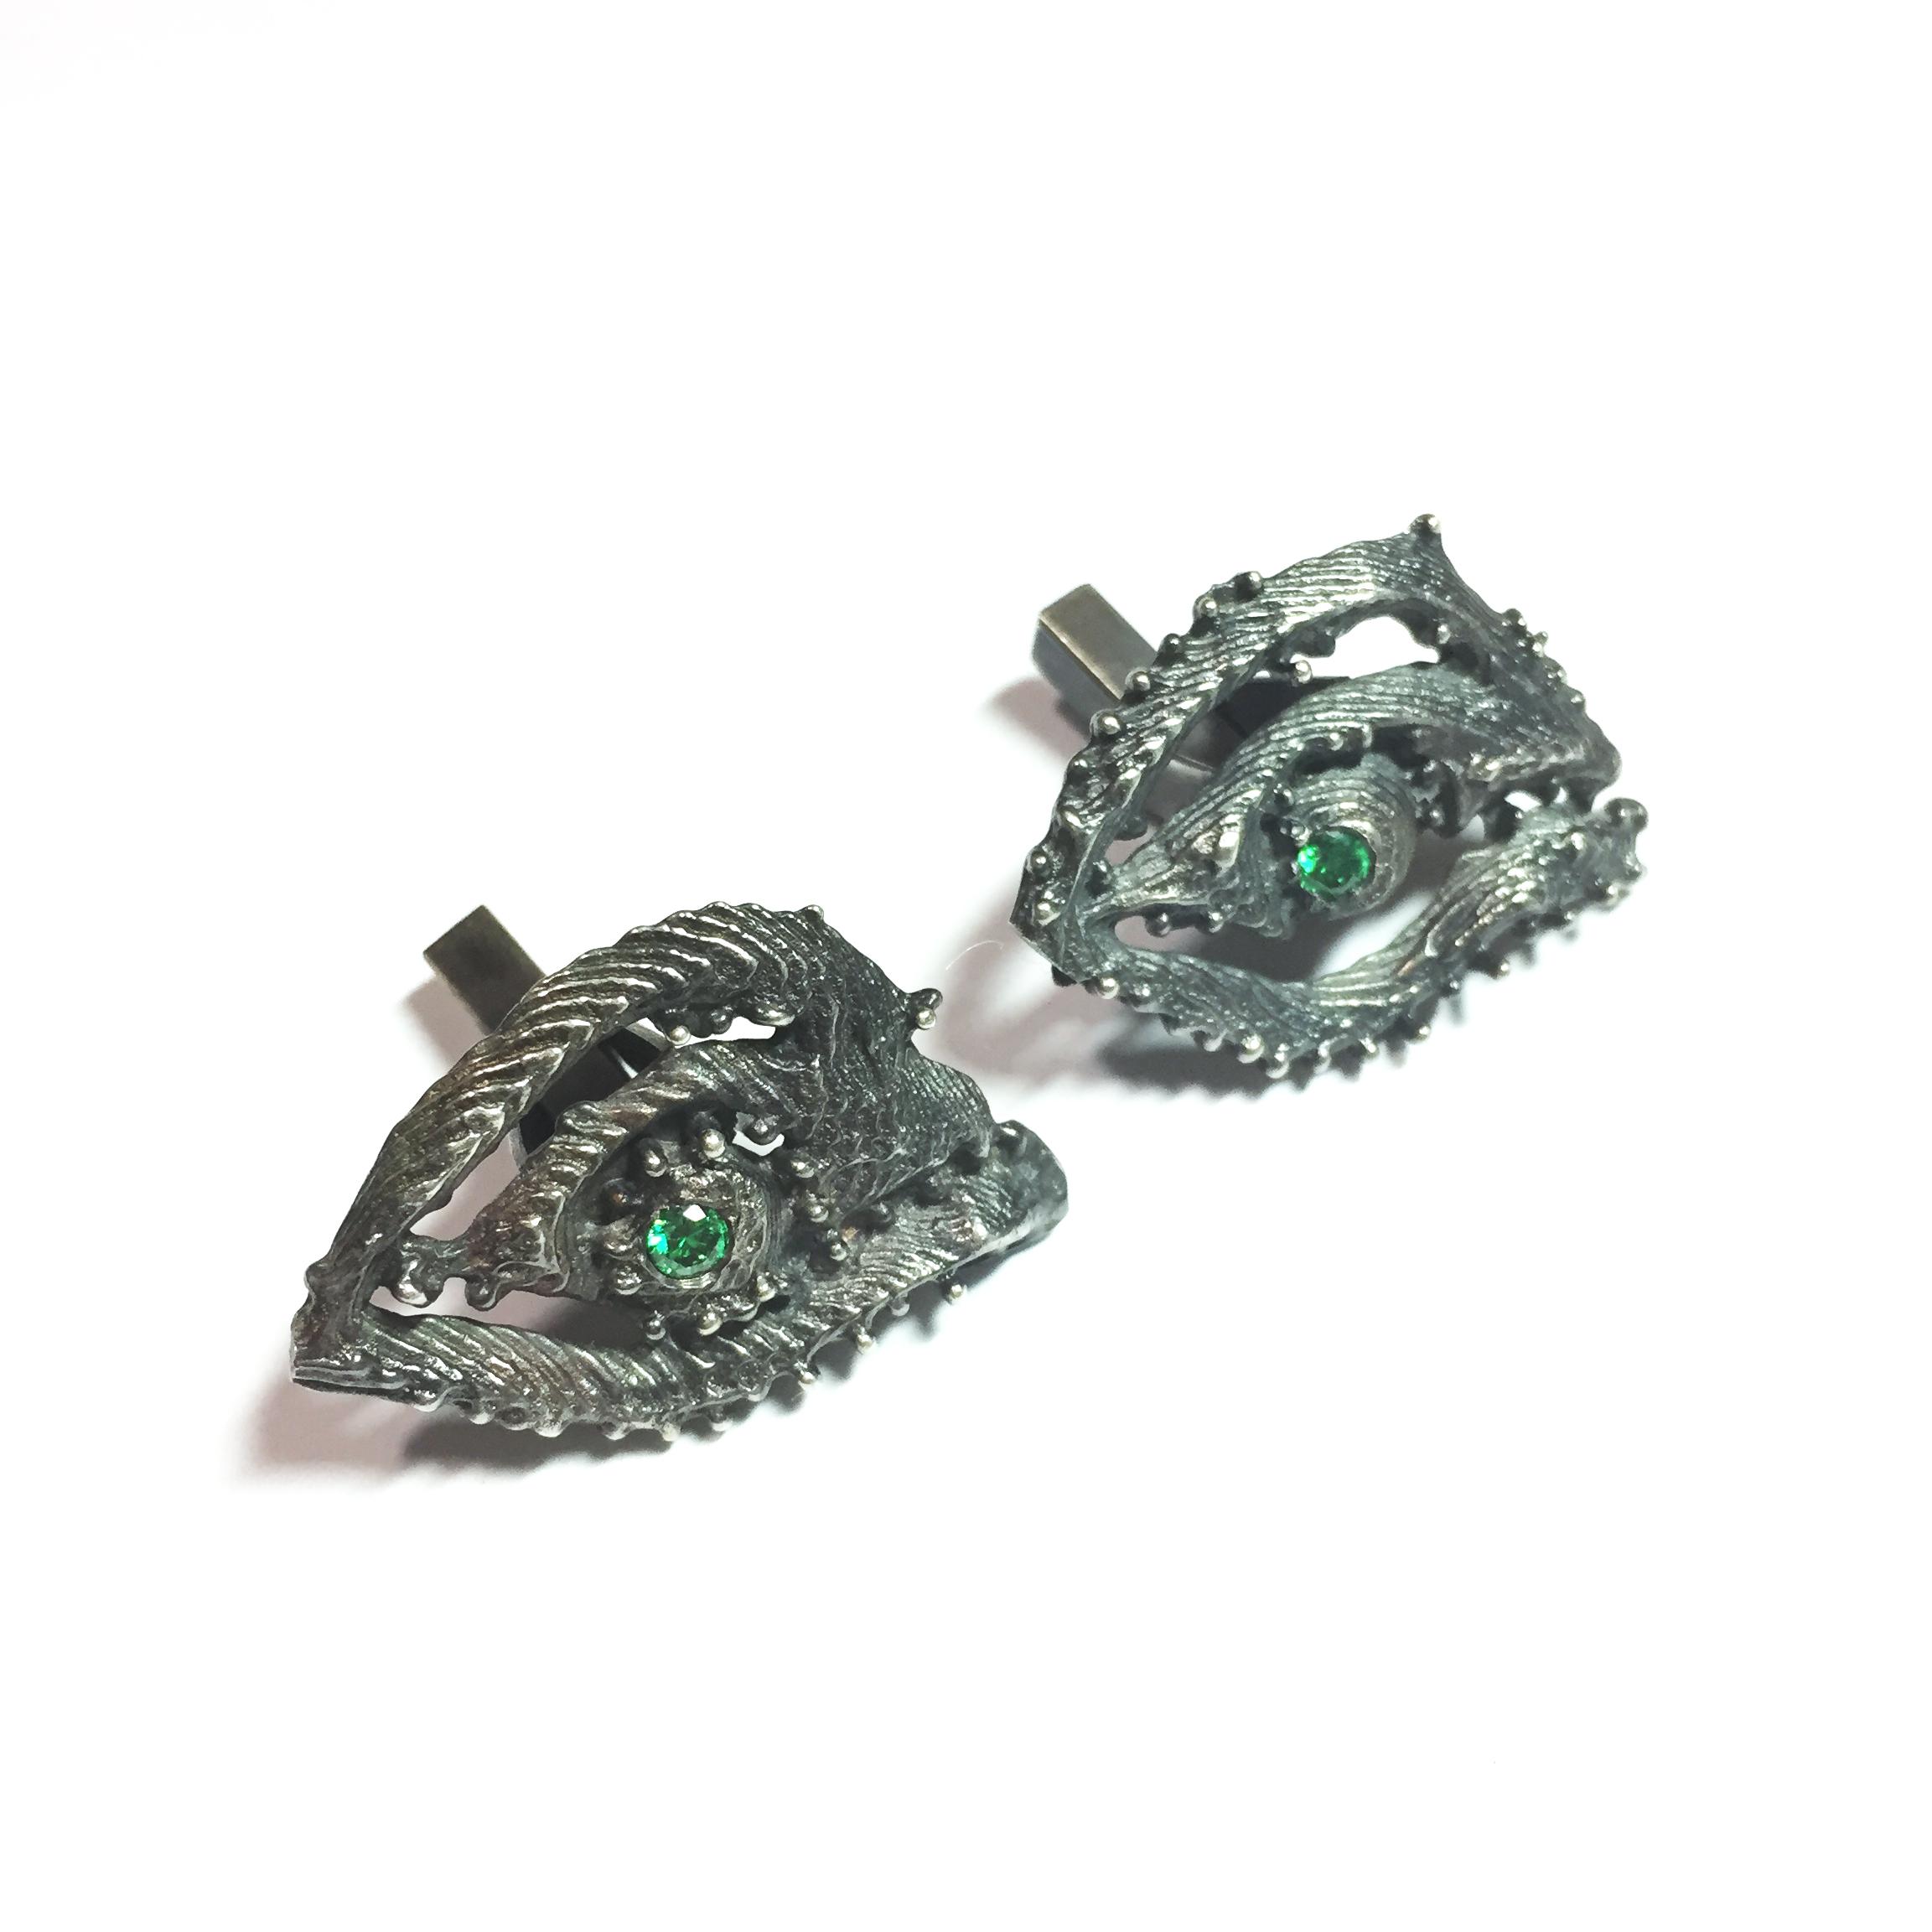 Chameleon inspired cufflinks